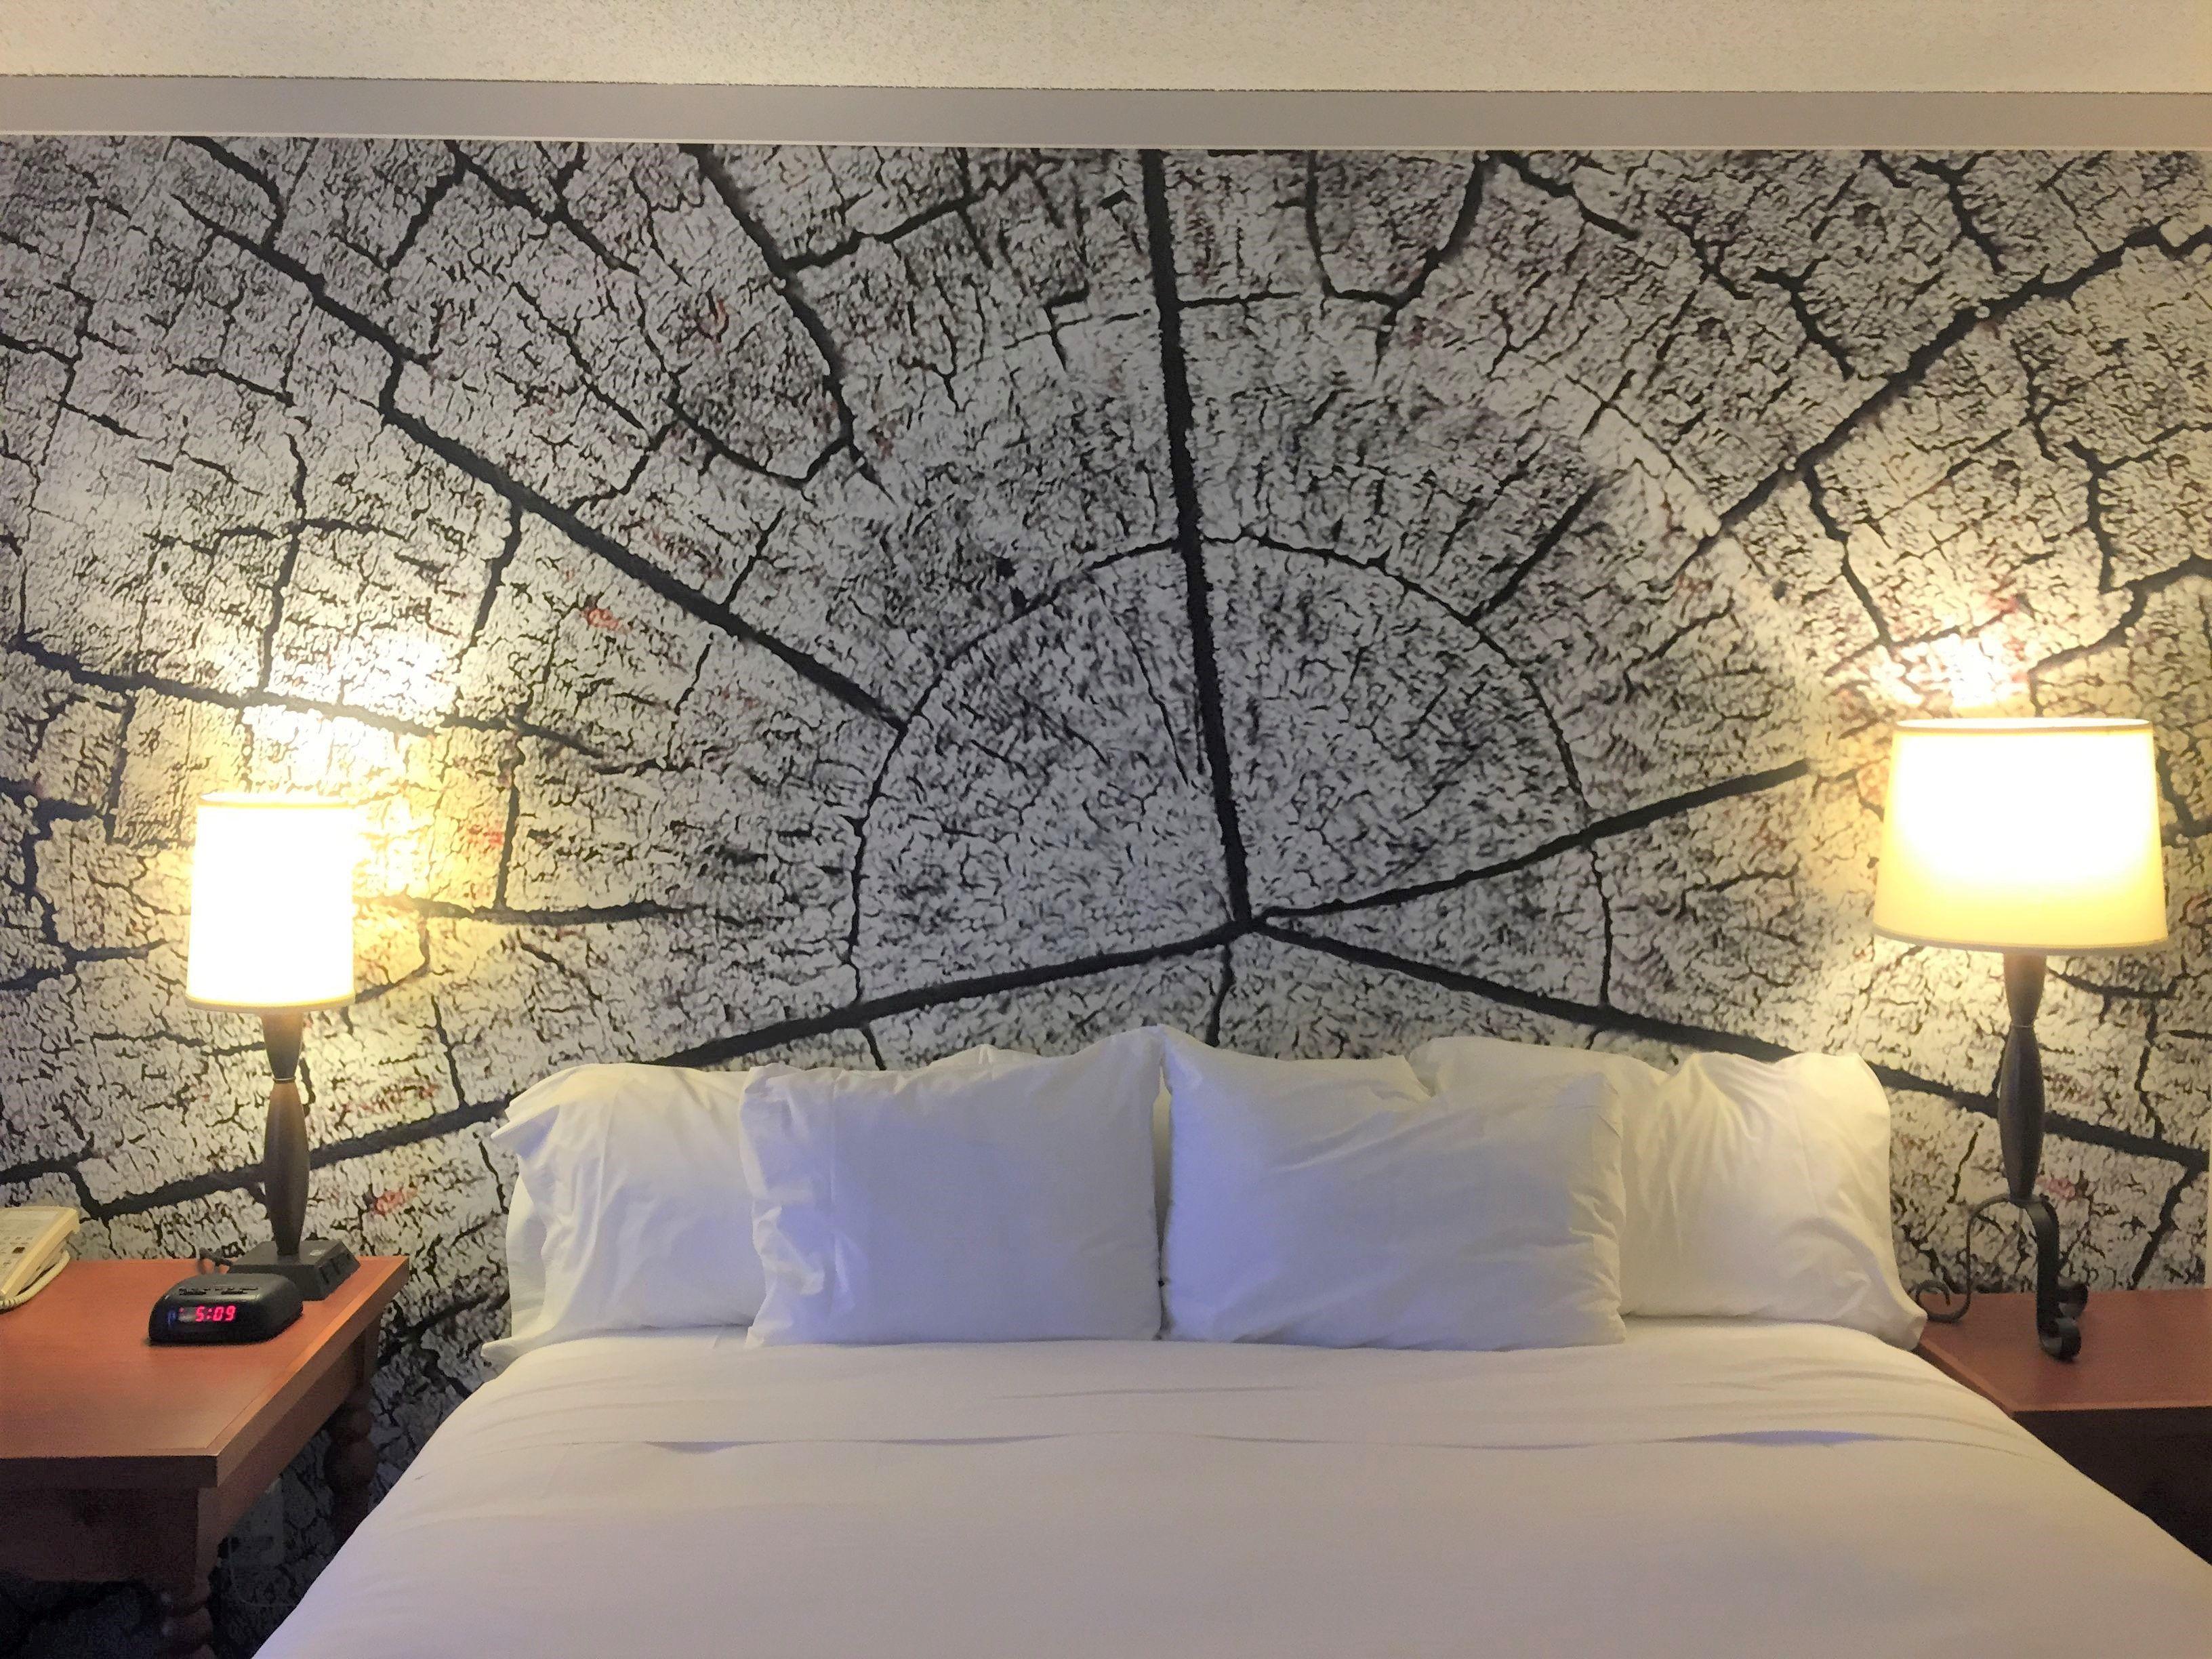 Hotel Bedroom Design Hotel Wallpaper Murals Hotel Bedroom Design Bedroom Design Hotel Room Design